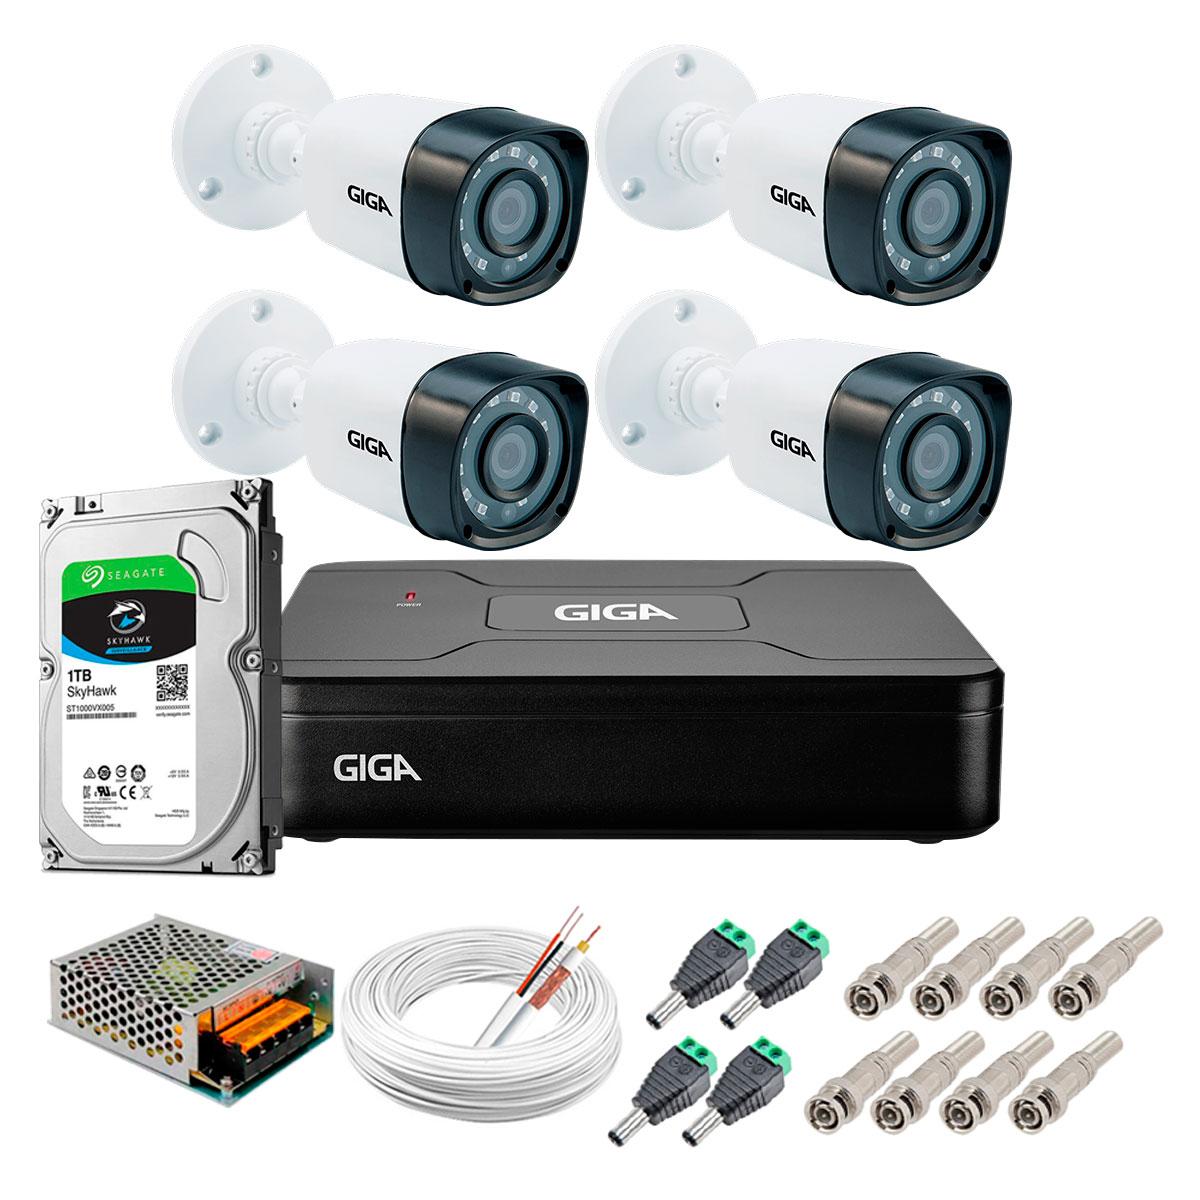 Kit Giga Security 4 Câmeras HD 720p GS0018 + DVR com HD 1TB Seagate + Acessórios  - Tudo Forte